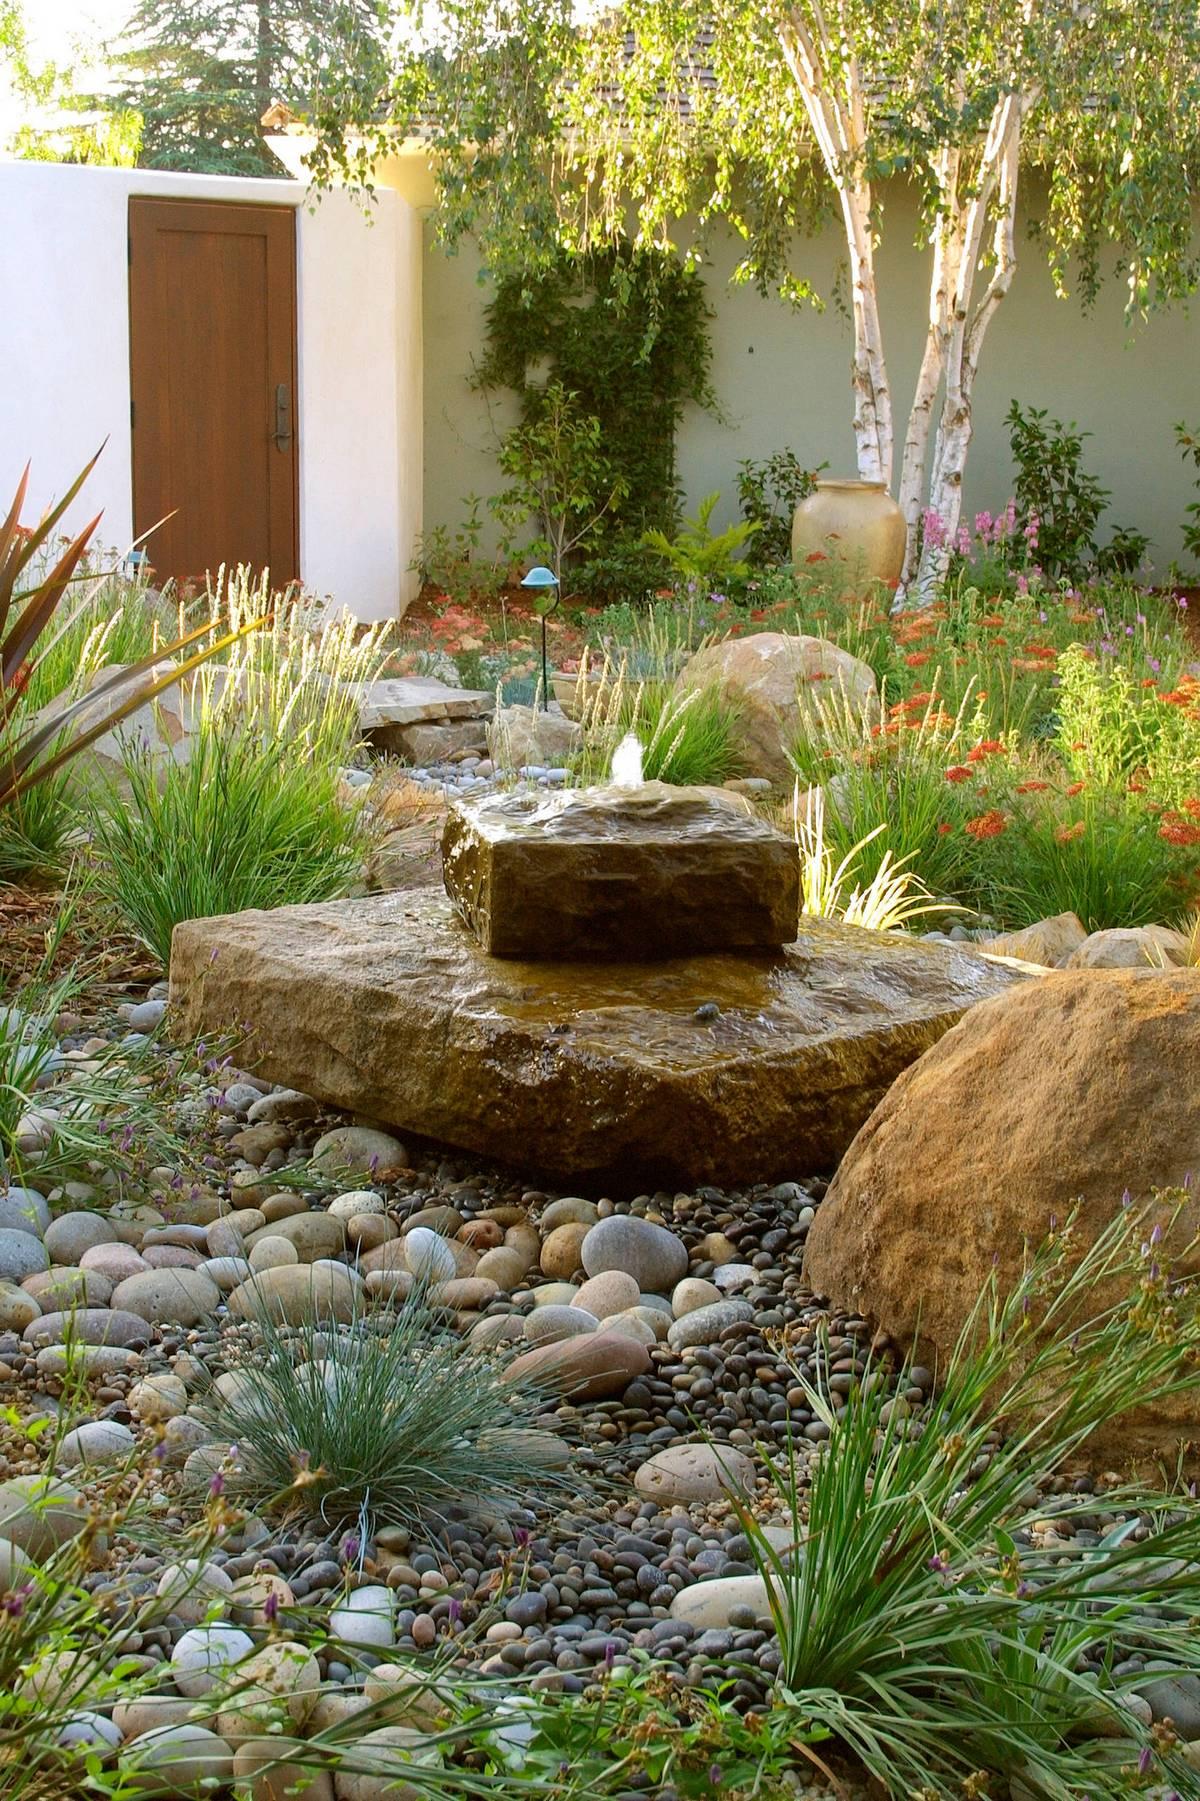 ландшафтный дизайн садового участка фонтан из камней